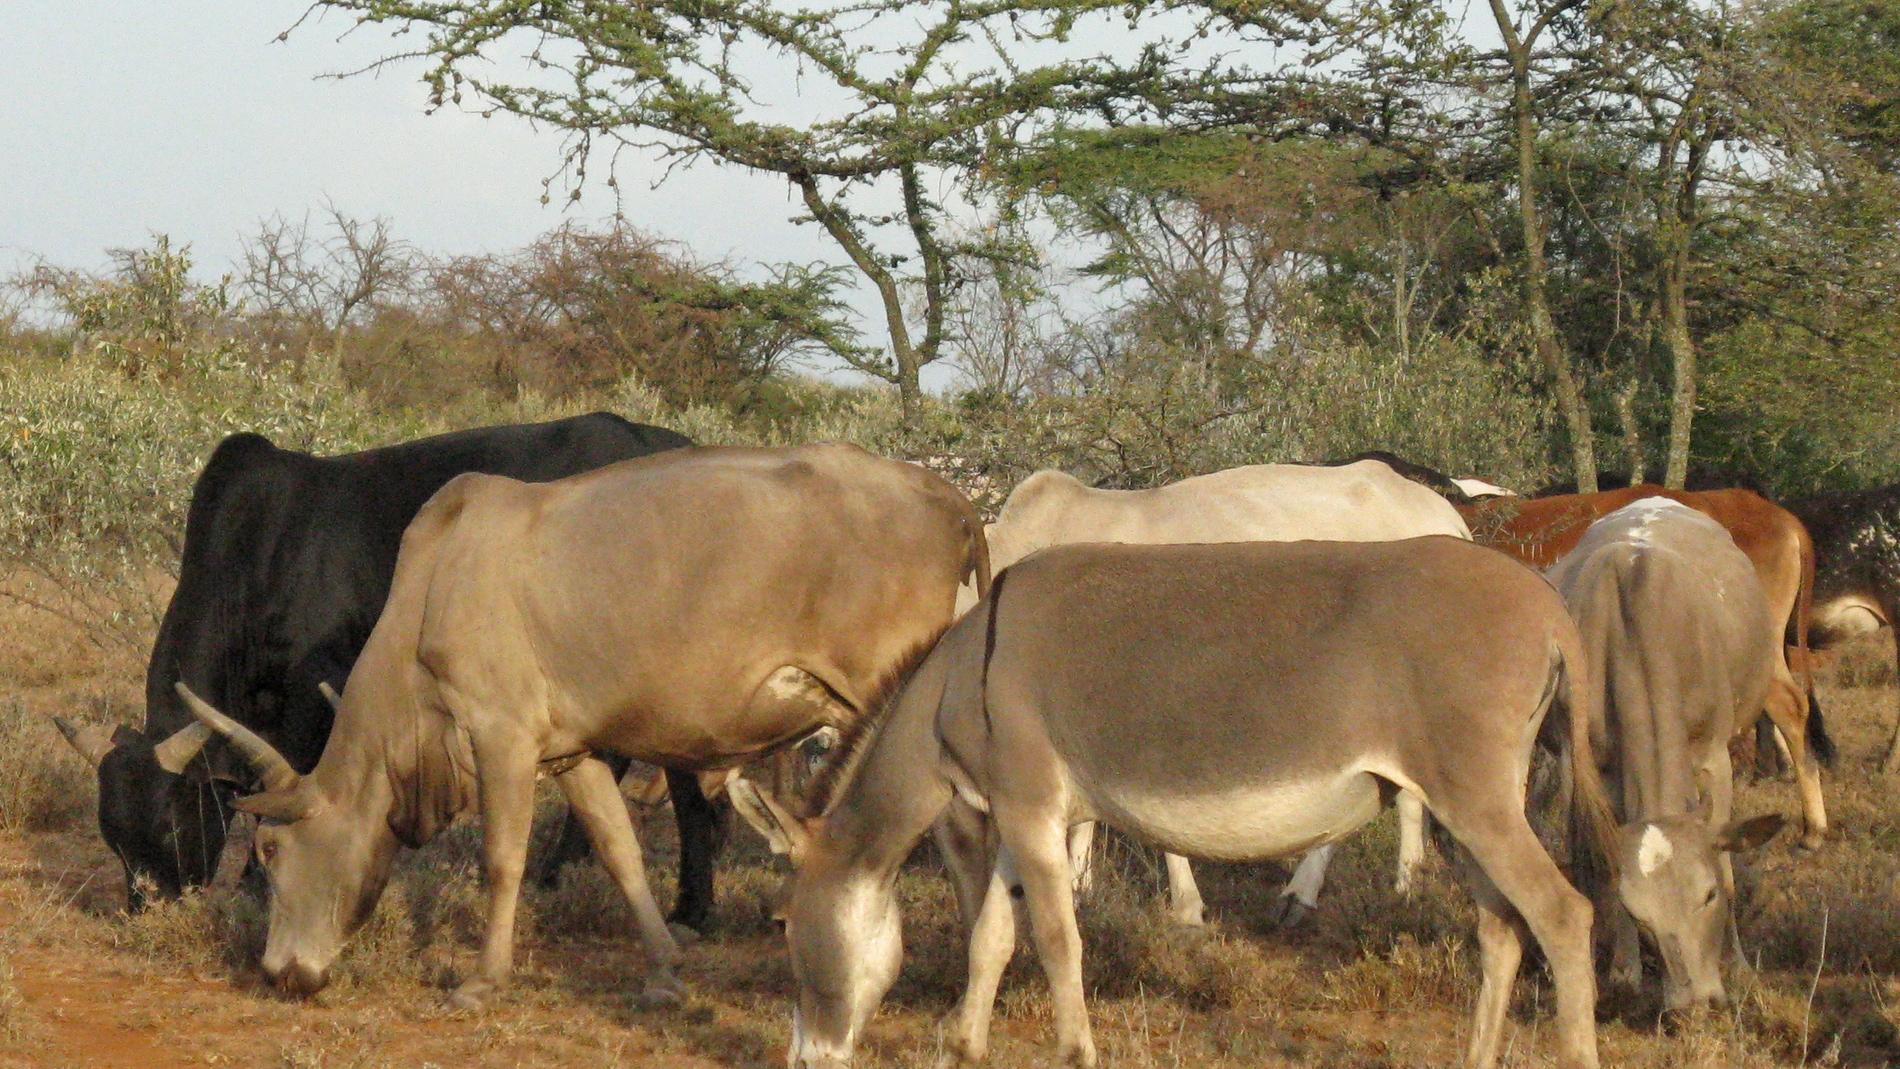 Ganado en Kenia pastando